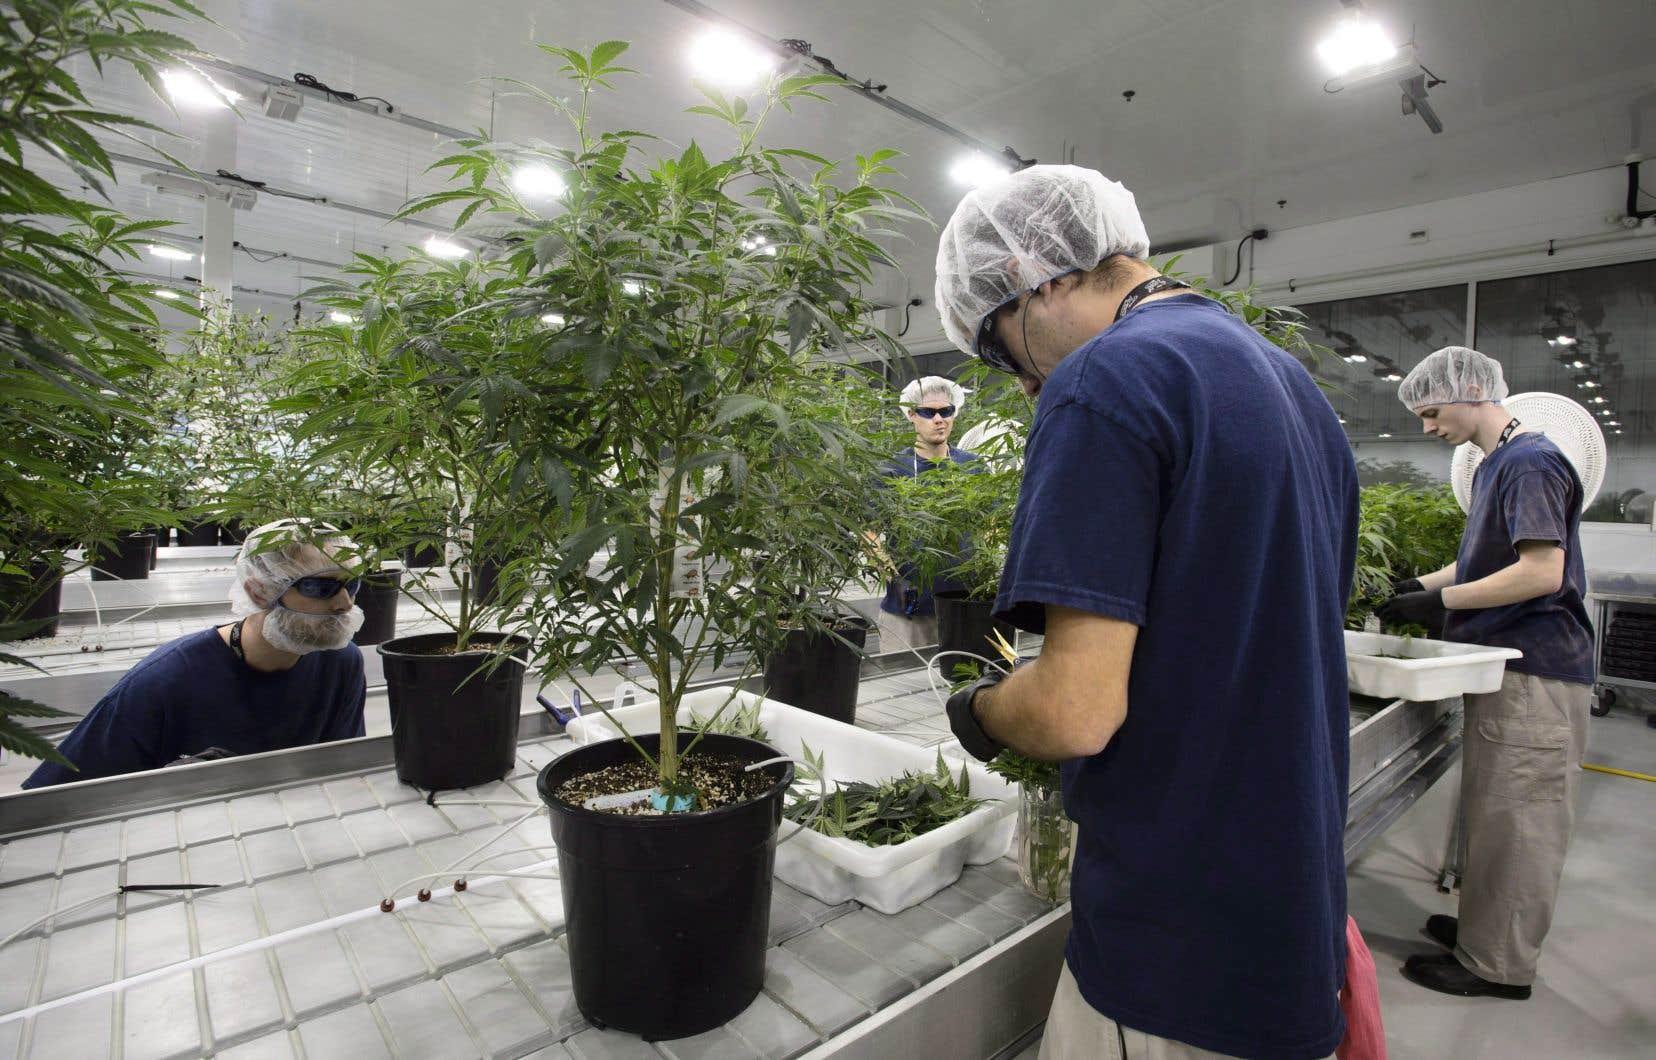 Les installations de 700 000 pieds carrés devraient permettre à Canopy Growth de produire 60 000 kilogrammes de cannabis par an.